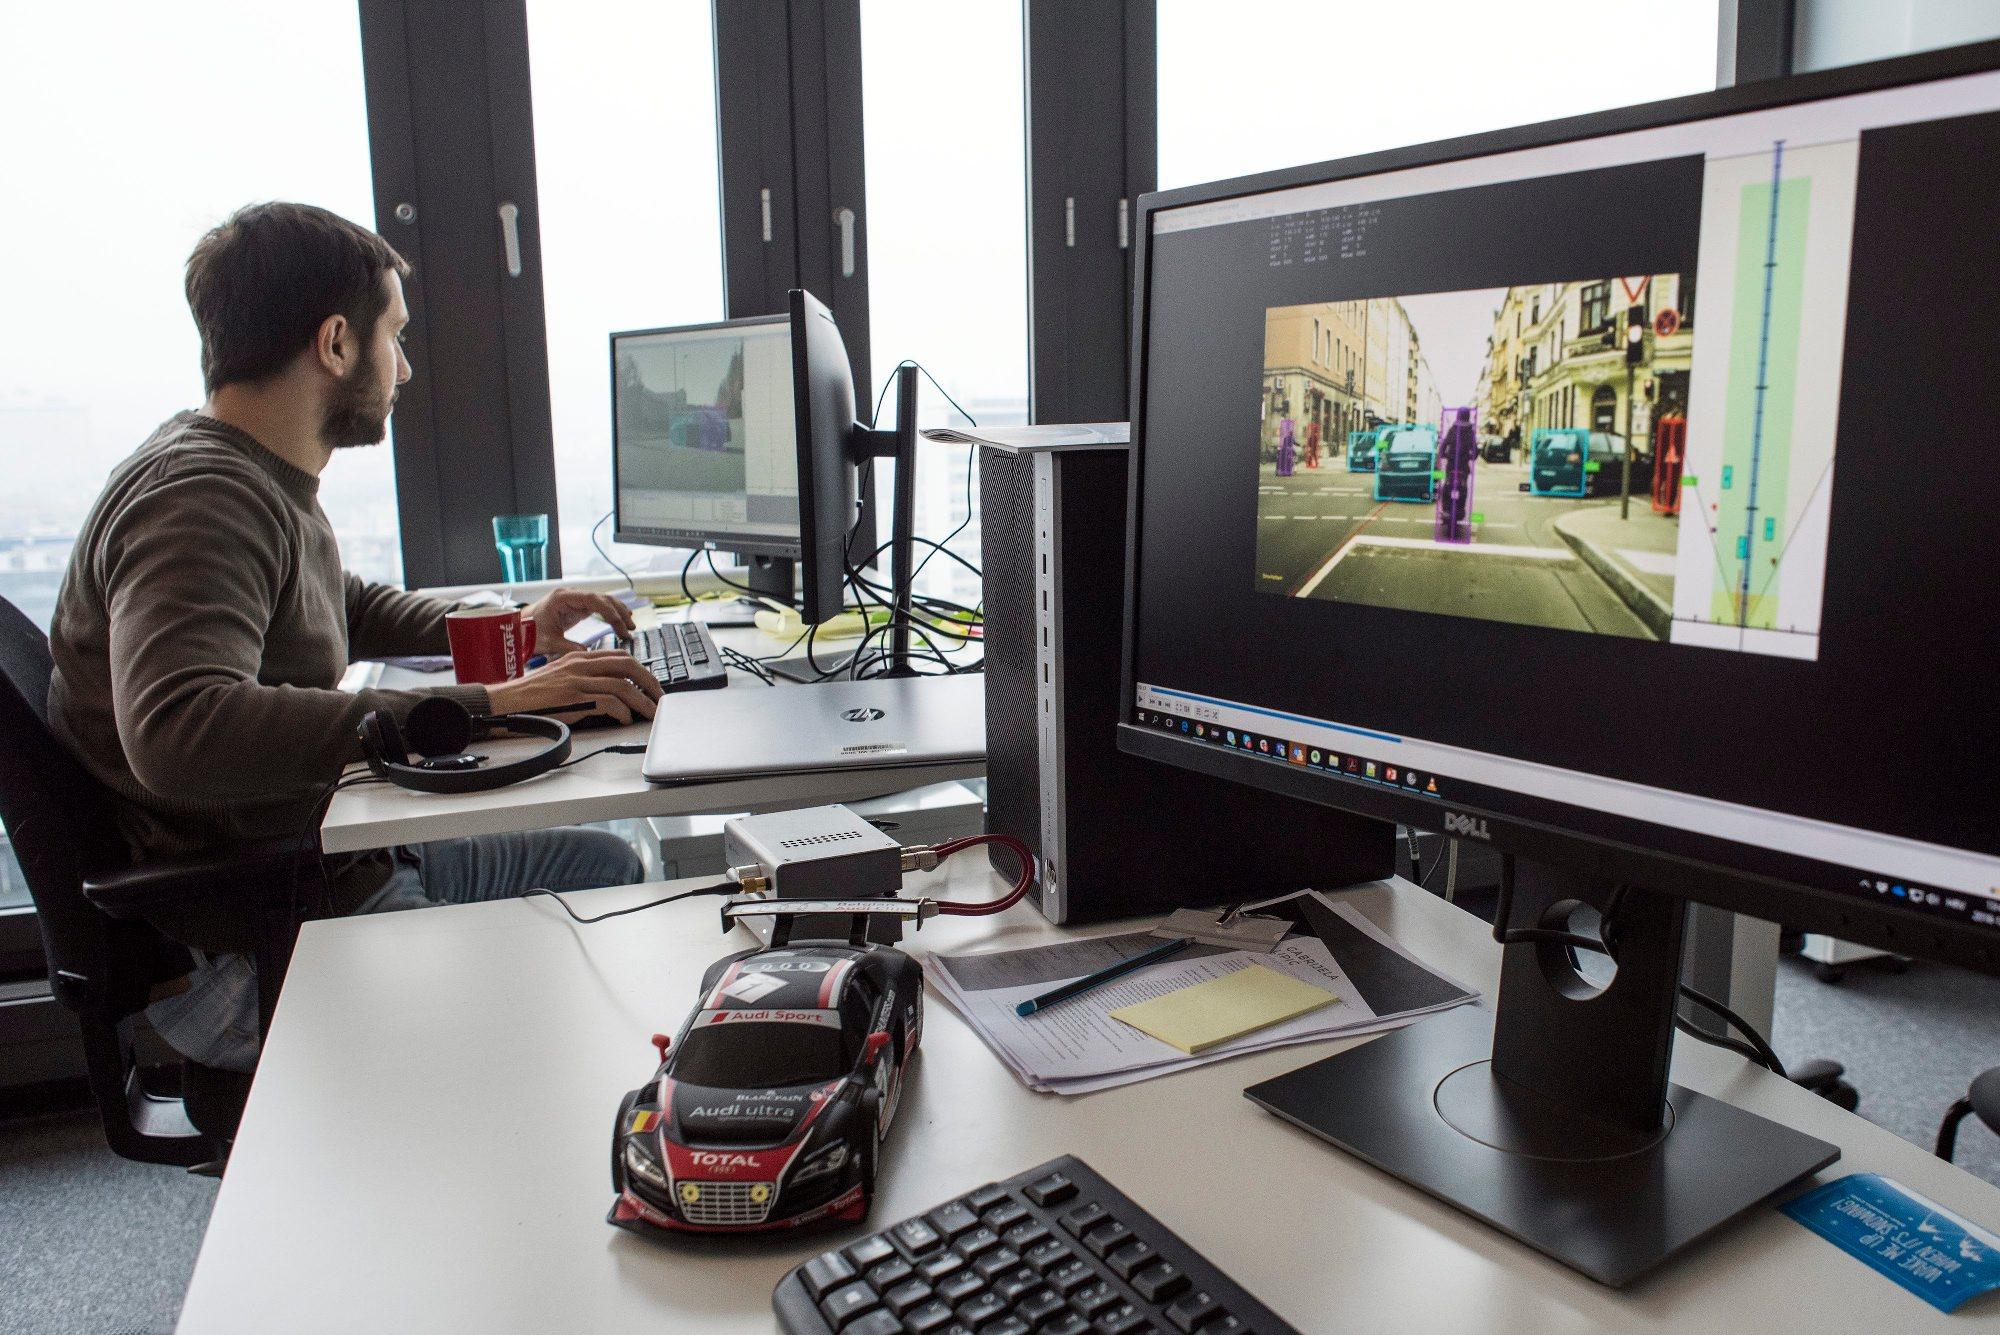 Zagreb, 201218. Eurotower, Ivana Lucica 2A. Tvrtka Visage Technologies, privatna tvrtka koja se bavi razvojem algoritama u podrucju strojnoga vida za prepoznavanje, pracenje i analizu lica. Na fotografiji: radna atmosfera Foto: Ivana Nobilo / CROPIX